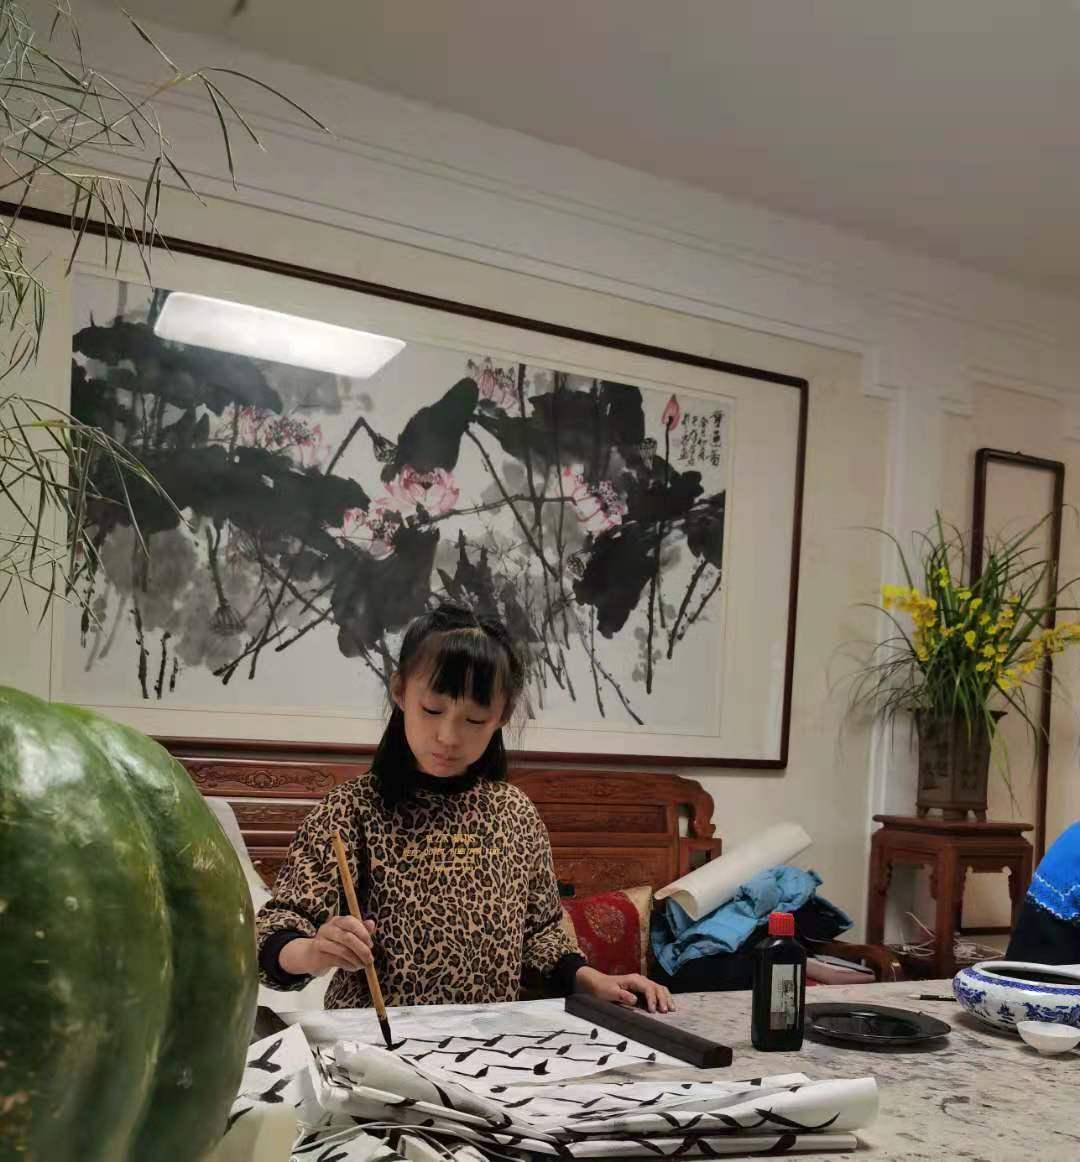 2020.11.22 济南少儿书法国画课堂 济南李永钧老师墨茗轩少儿学书法国画班